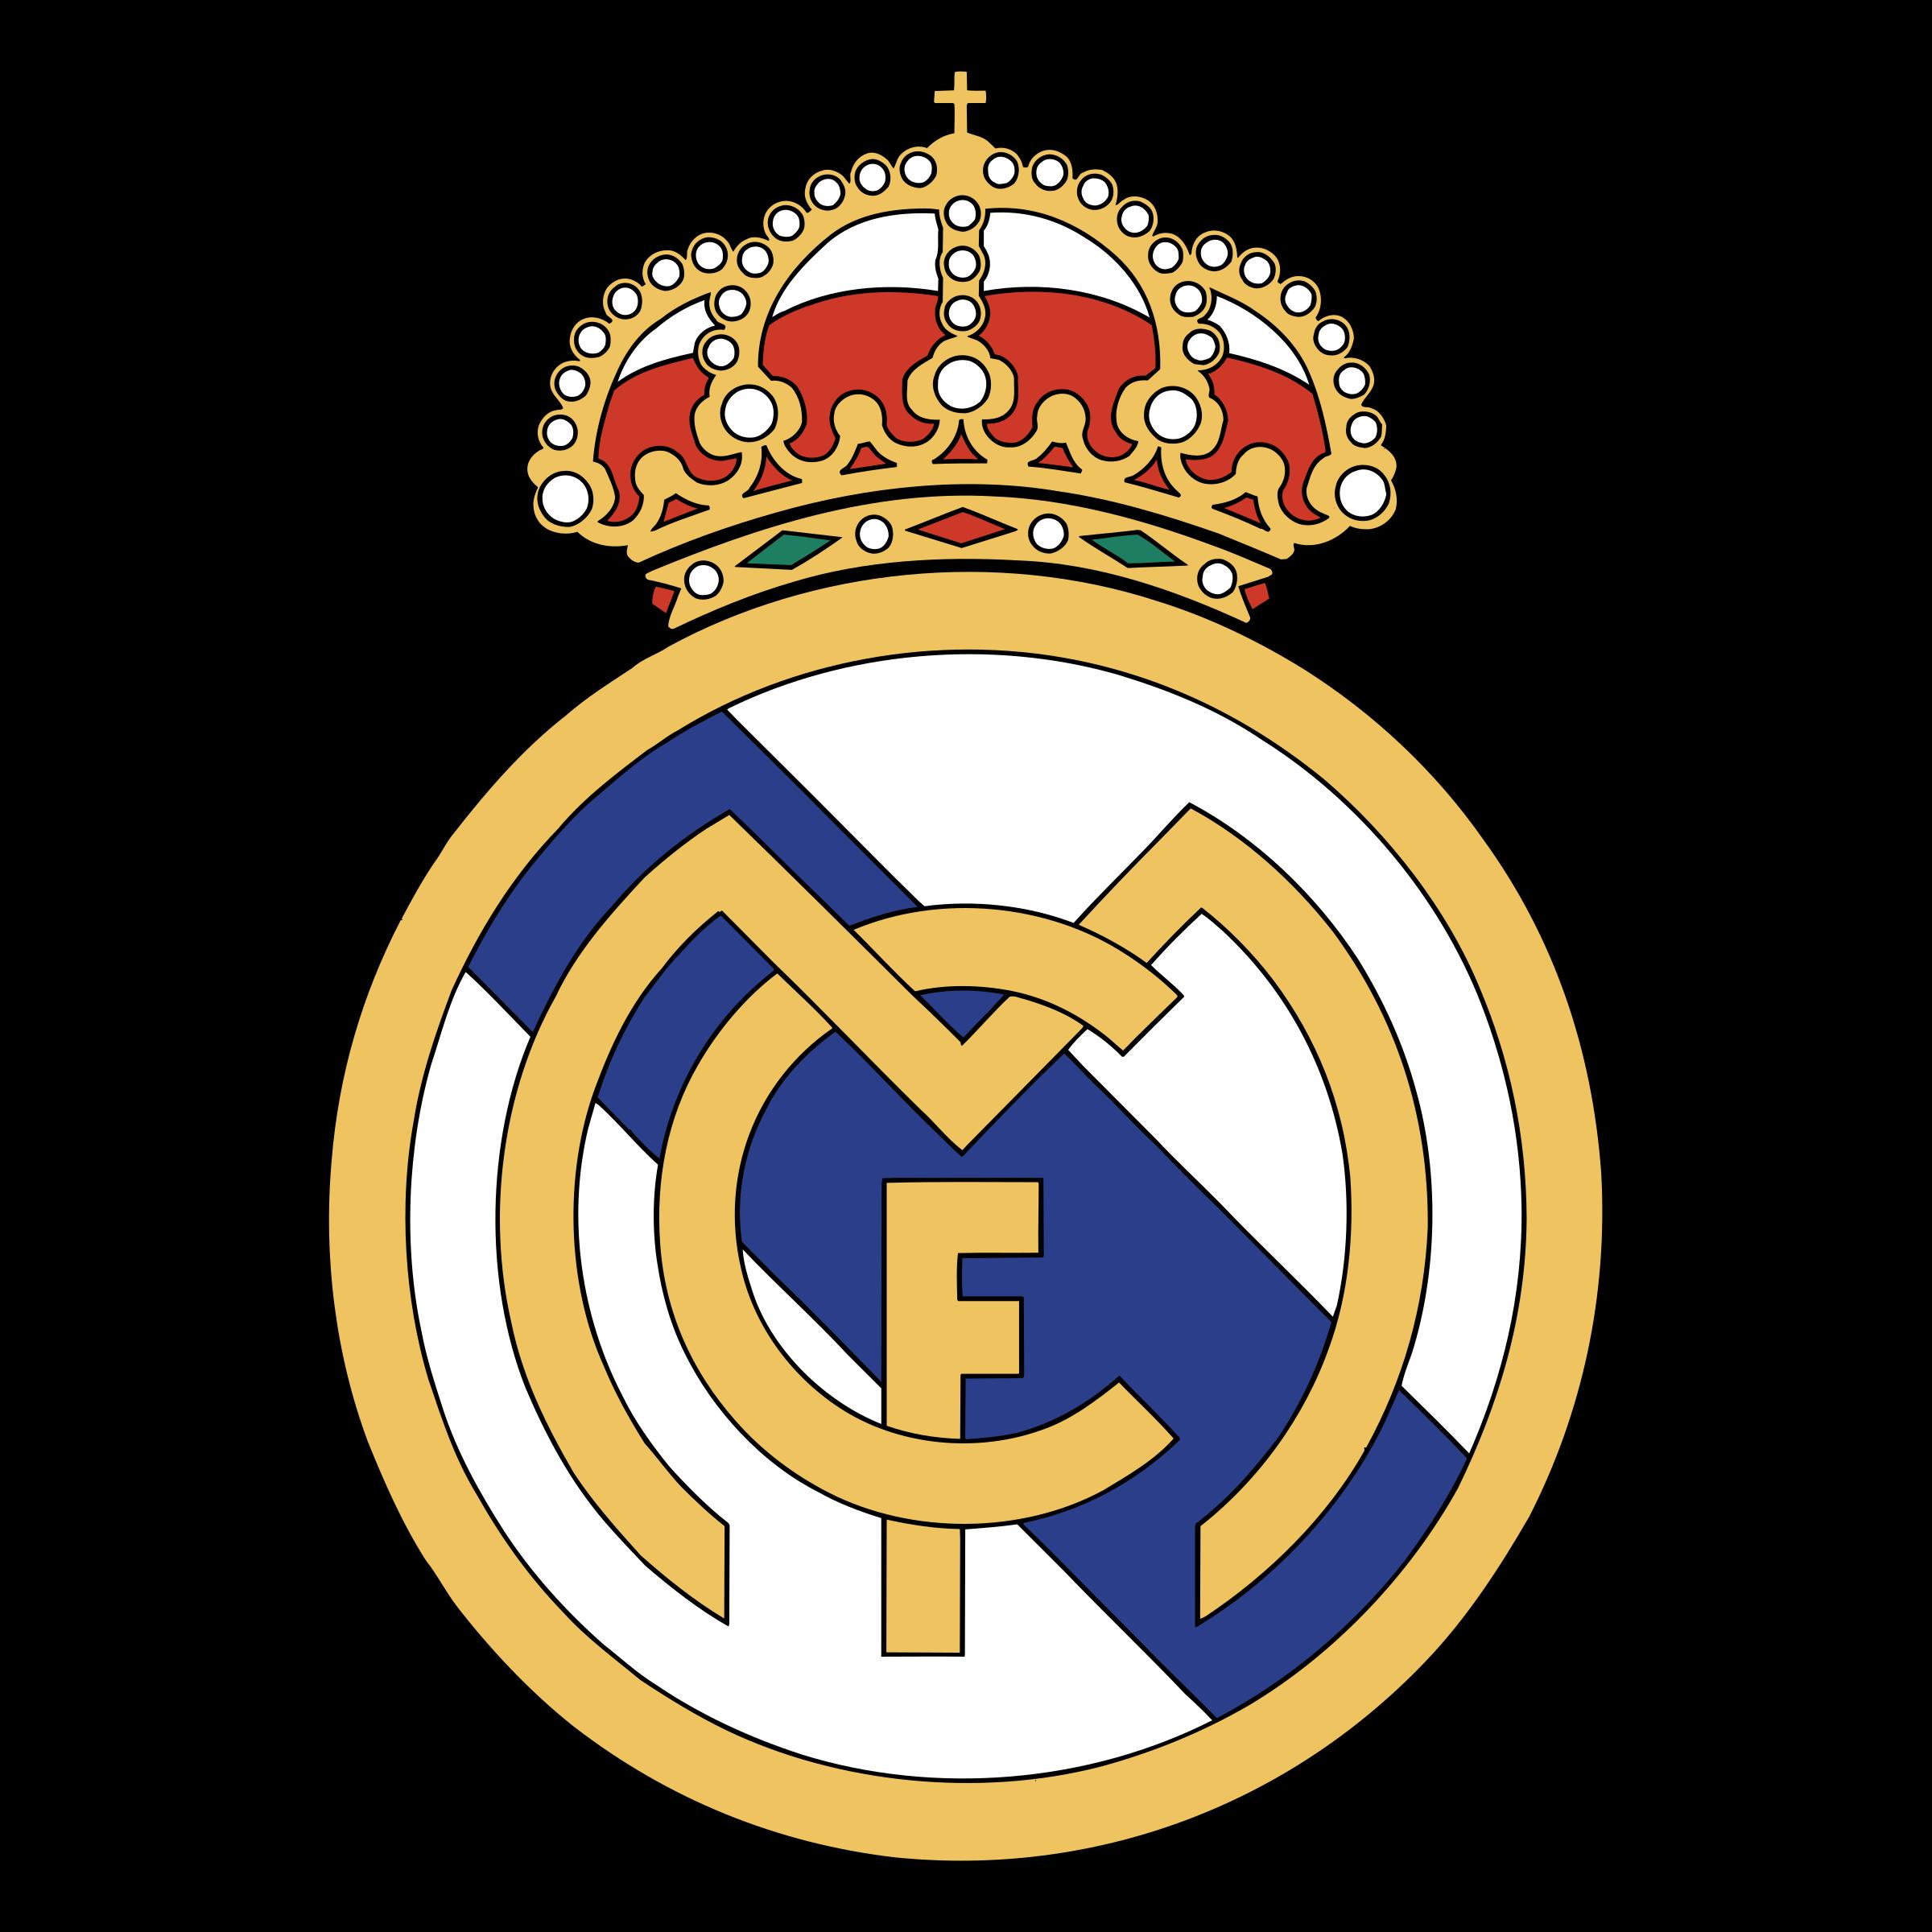 Real Madrid C F Logo PNG Transparent & SVG Vector.